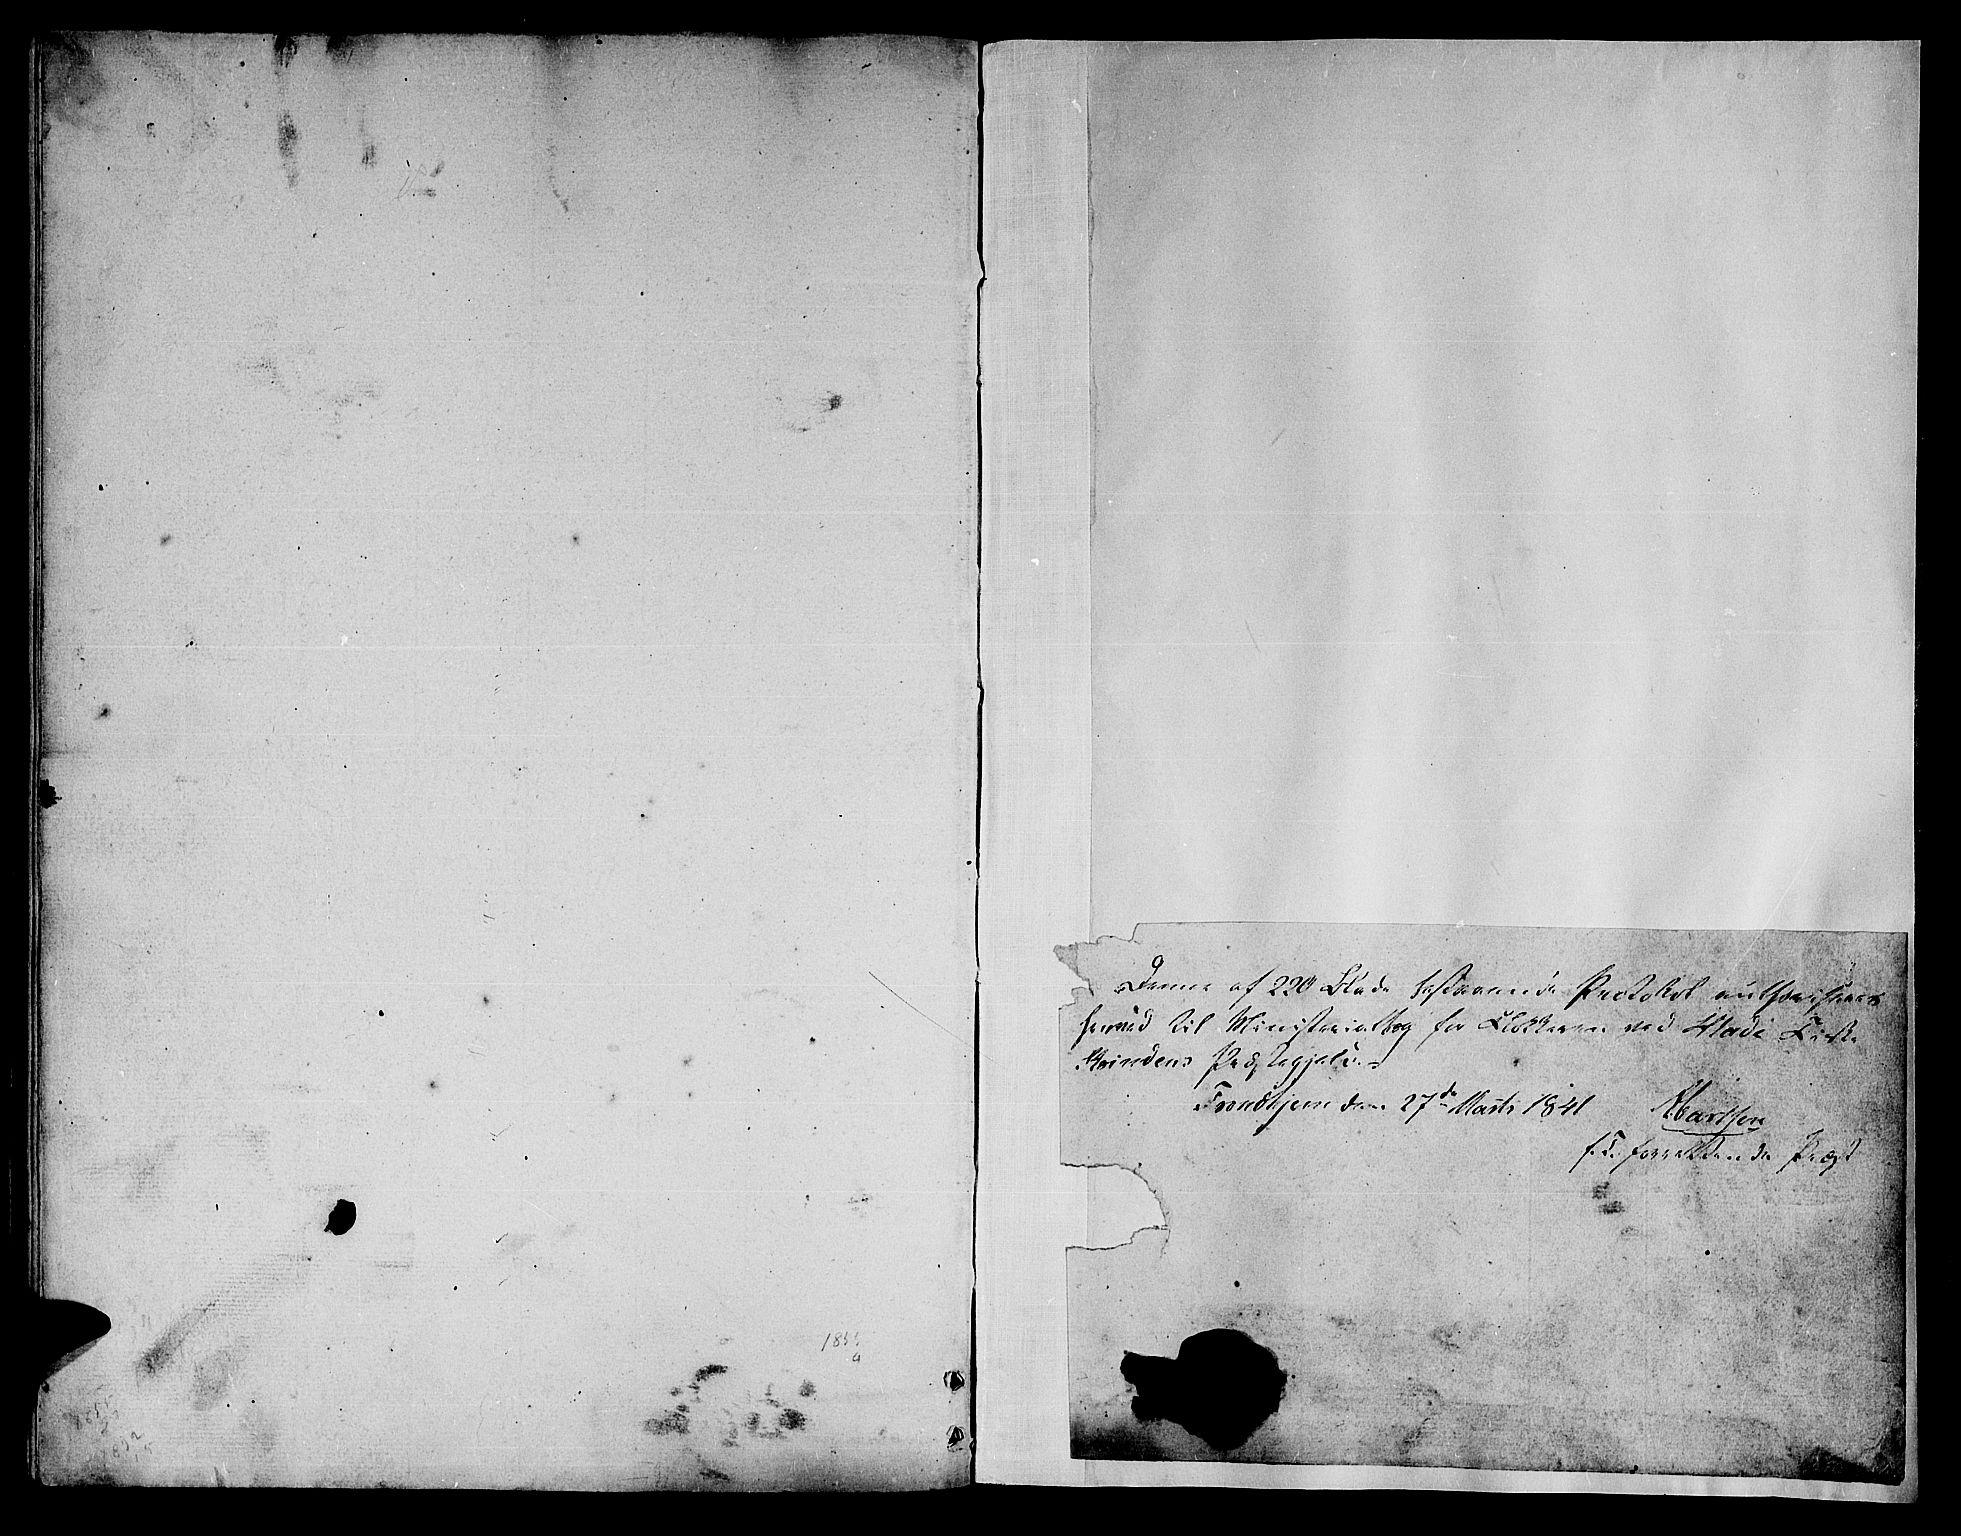 SAT, Ministerialprotokoller, klokkerbøker og fødselsregistre - Sør-Trøndelag, 606/L0309: Klokkerbok nr. 606C05, 1841-1849